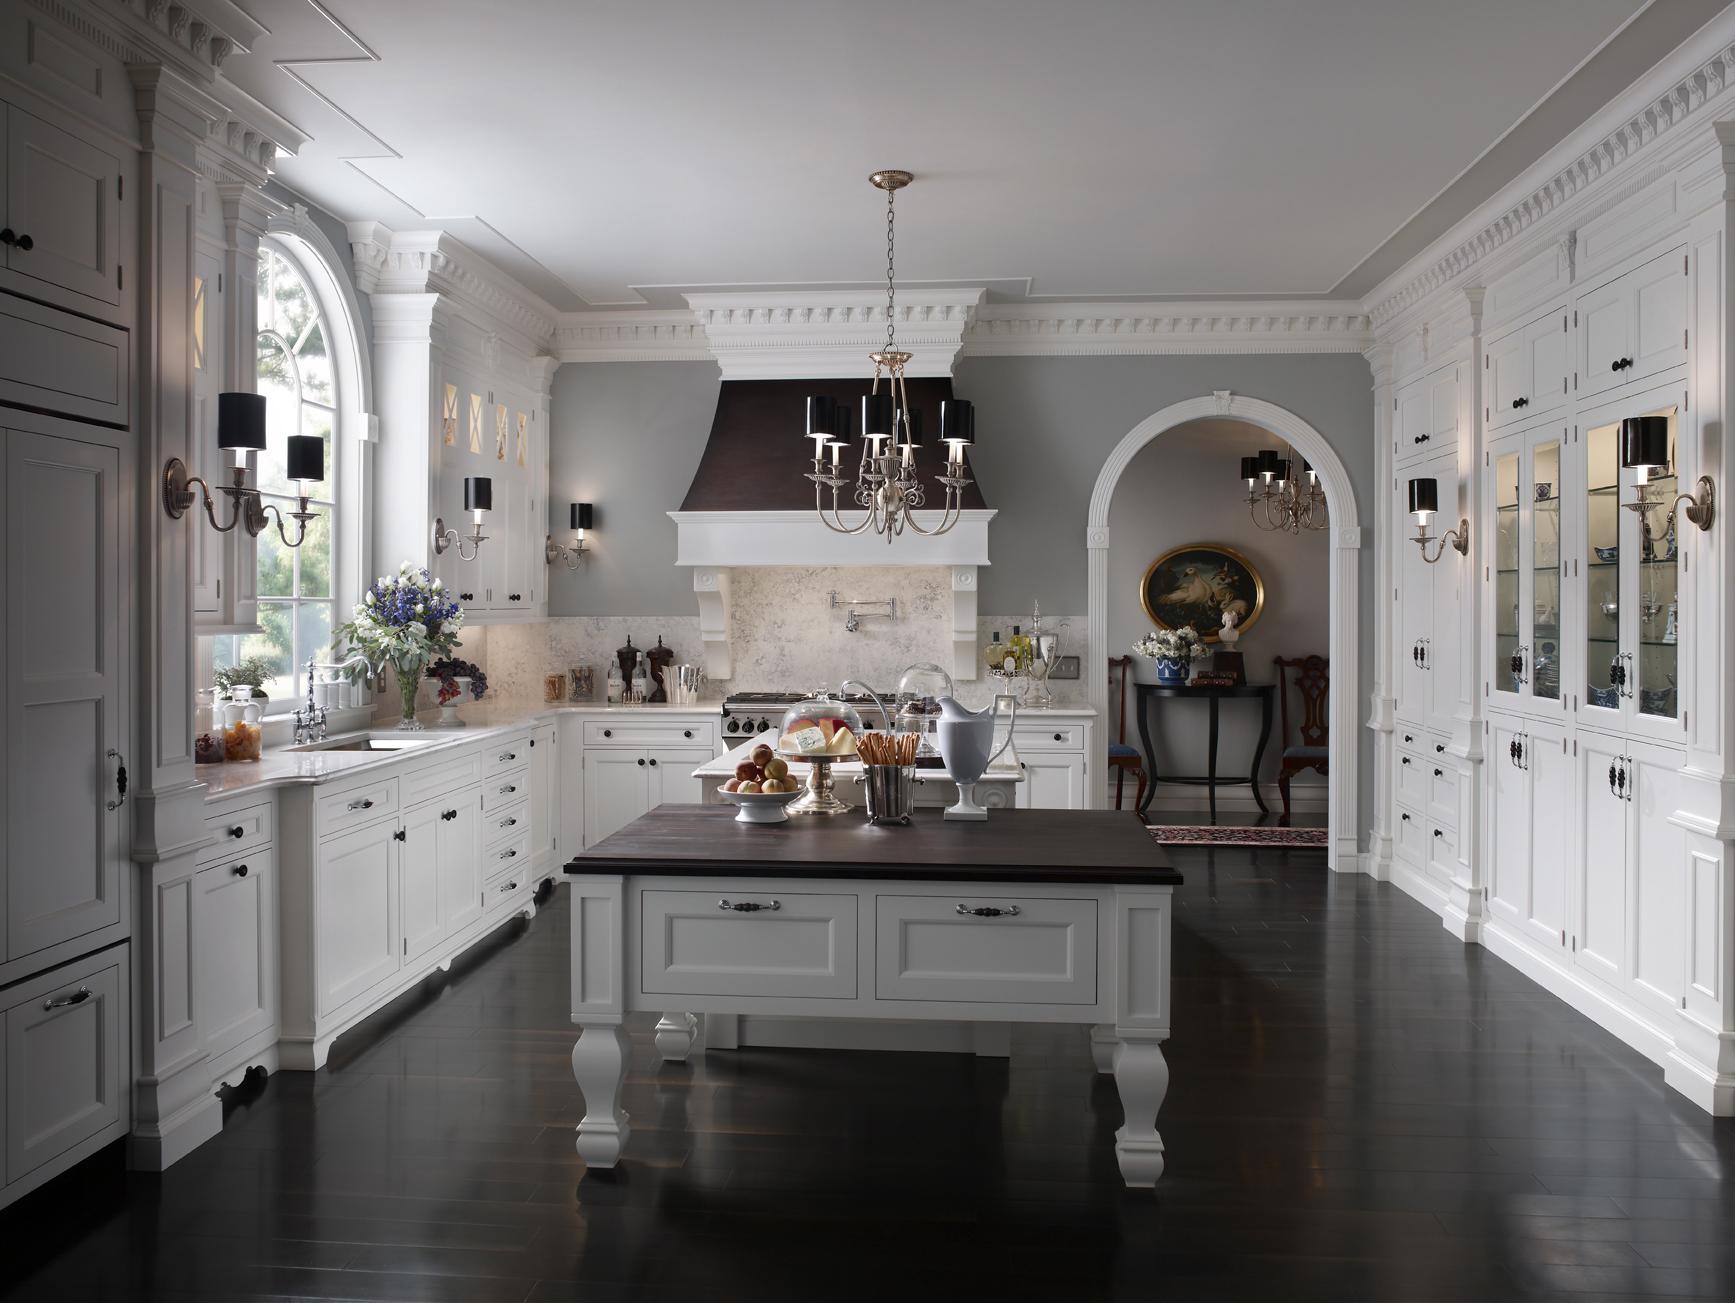 South Hampton Kitchen by Wood-Mode